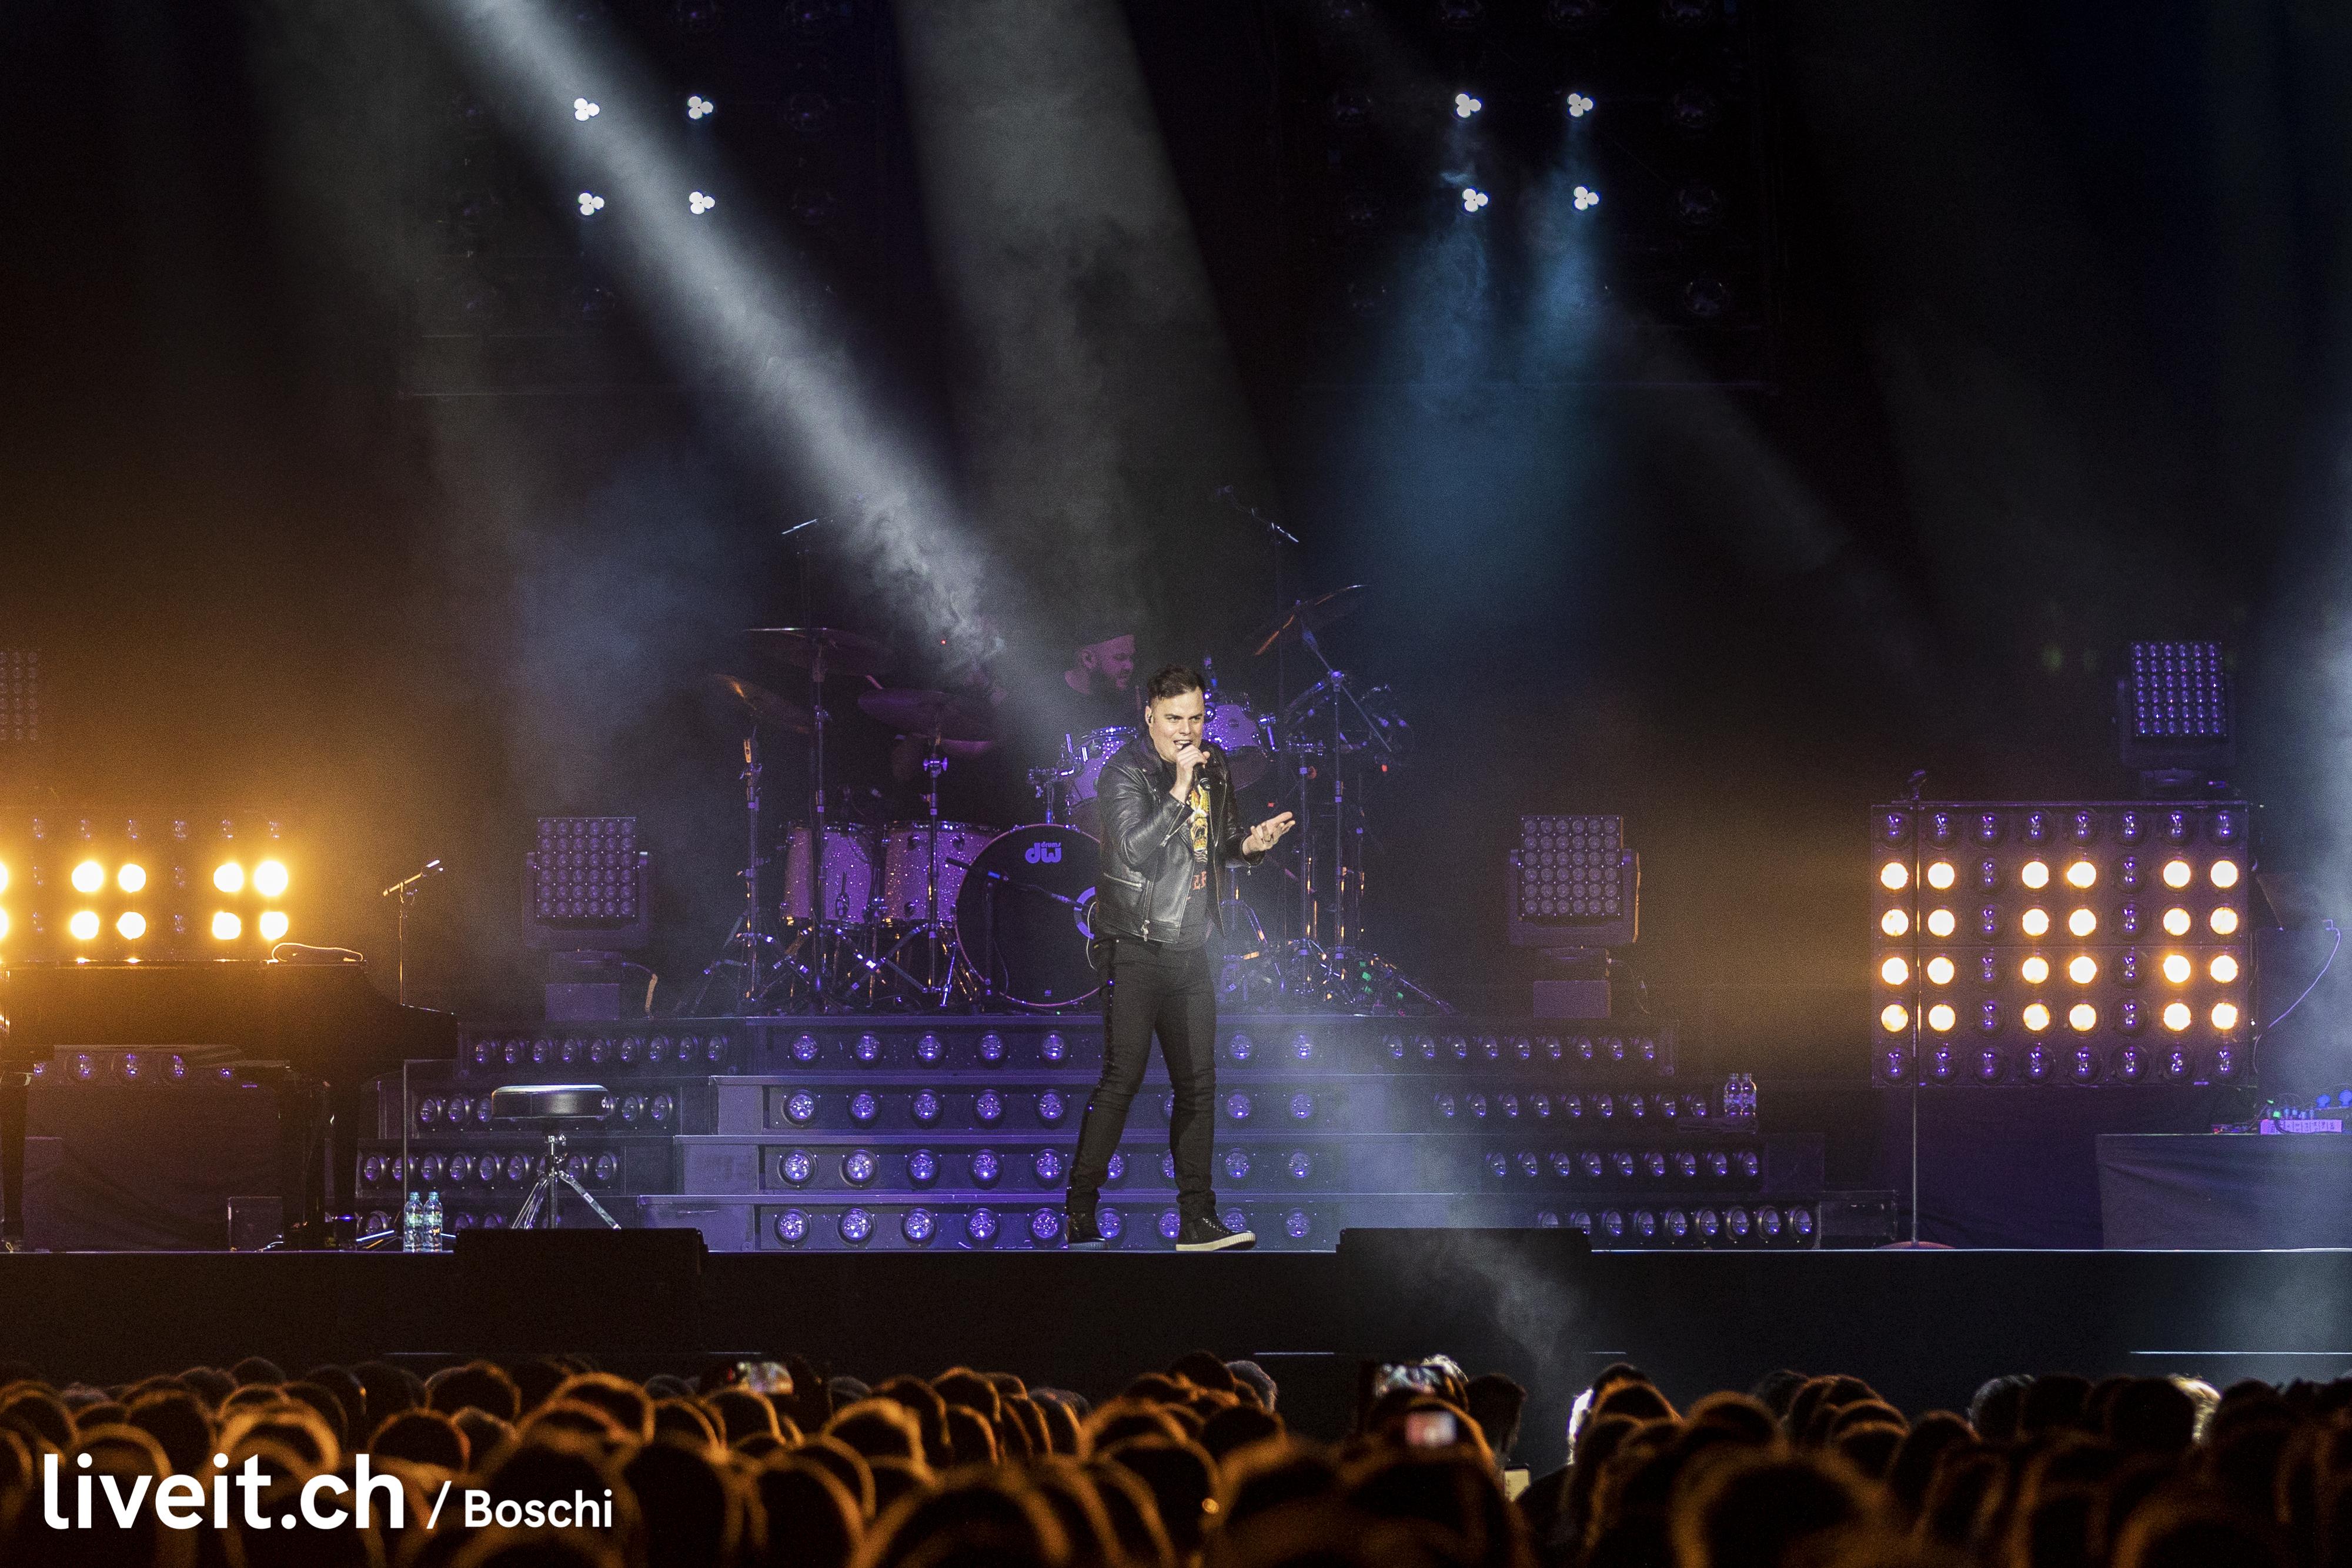 One Vision of Queen&Marc Martel in der Barclaycardarena Hamburg(liveit.ch/boschi)